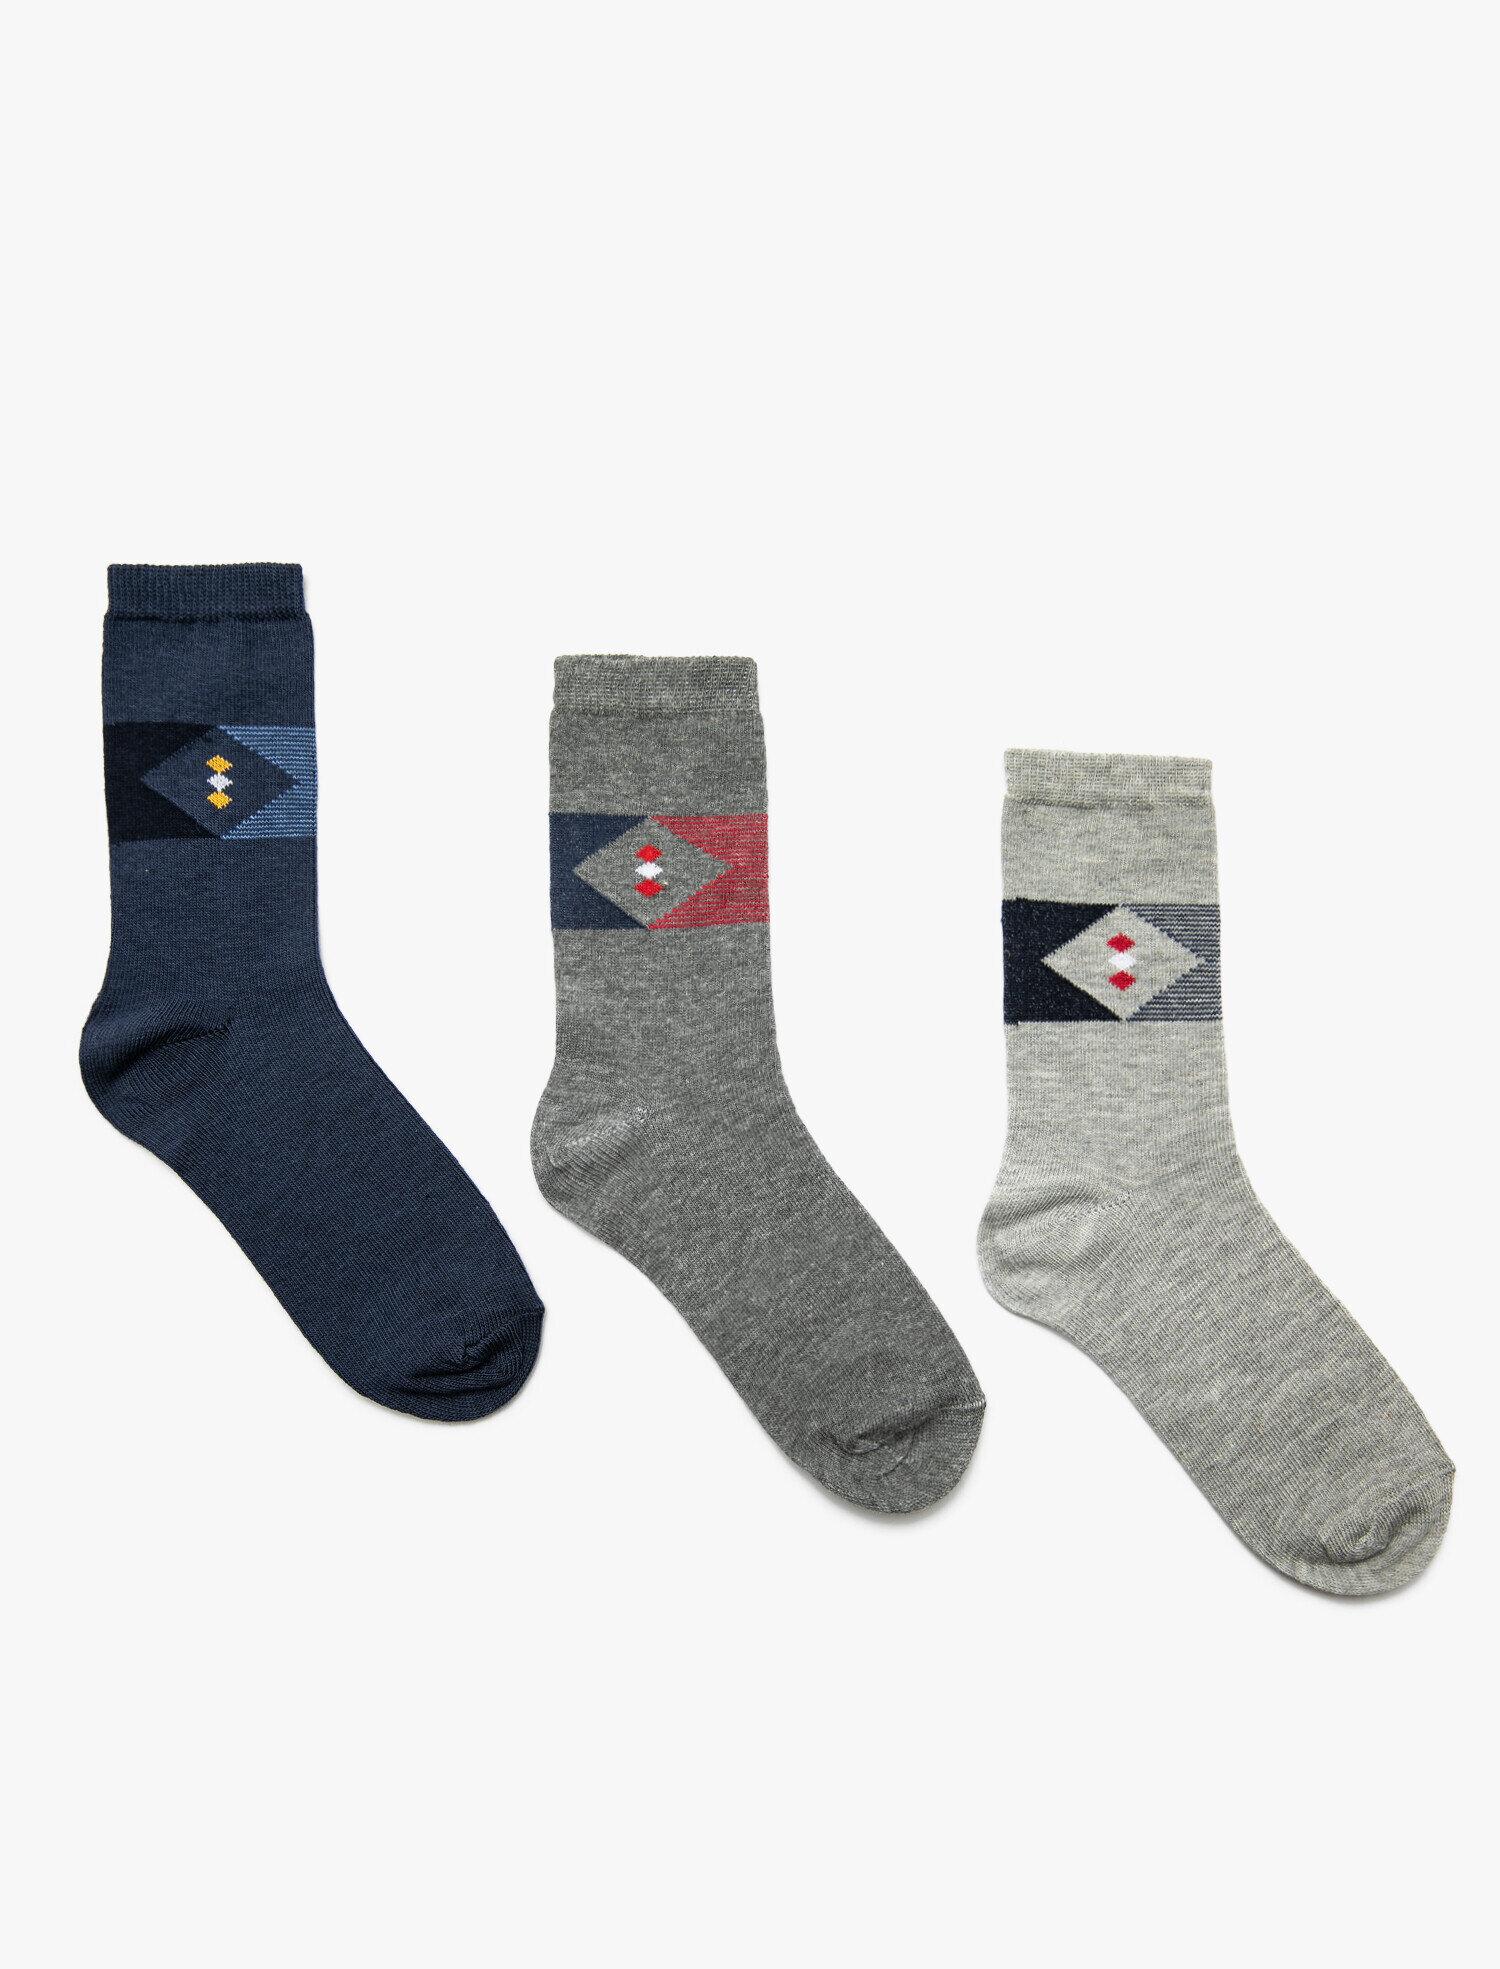 3' lü Erkek Çocuk Çorap